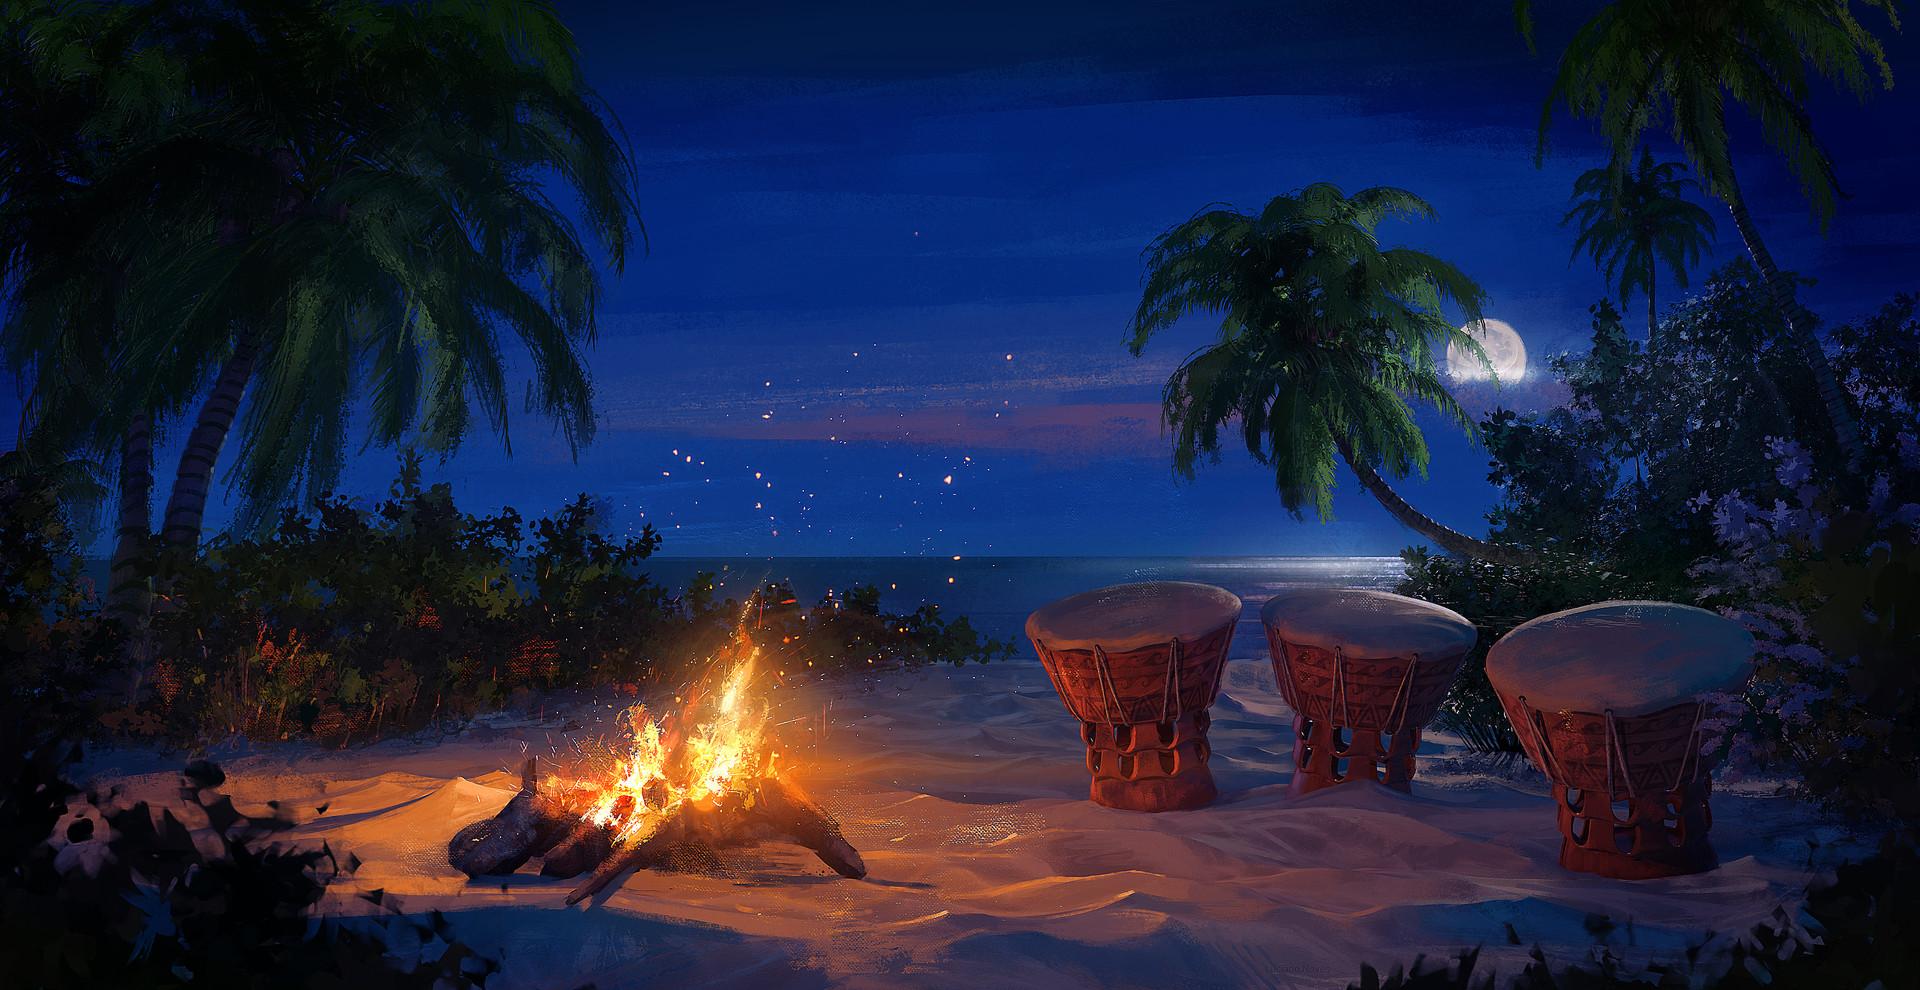 luciano-neves-havaianas-moana.jpg